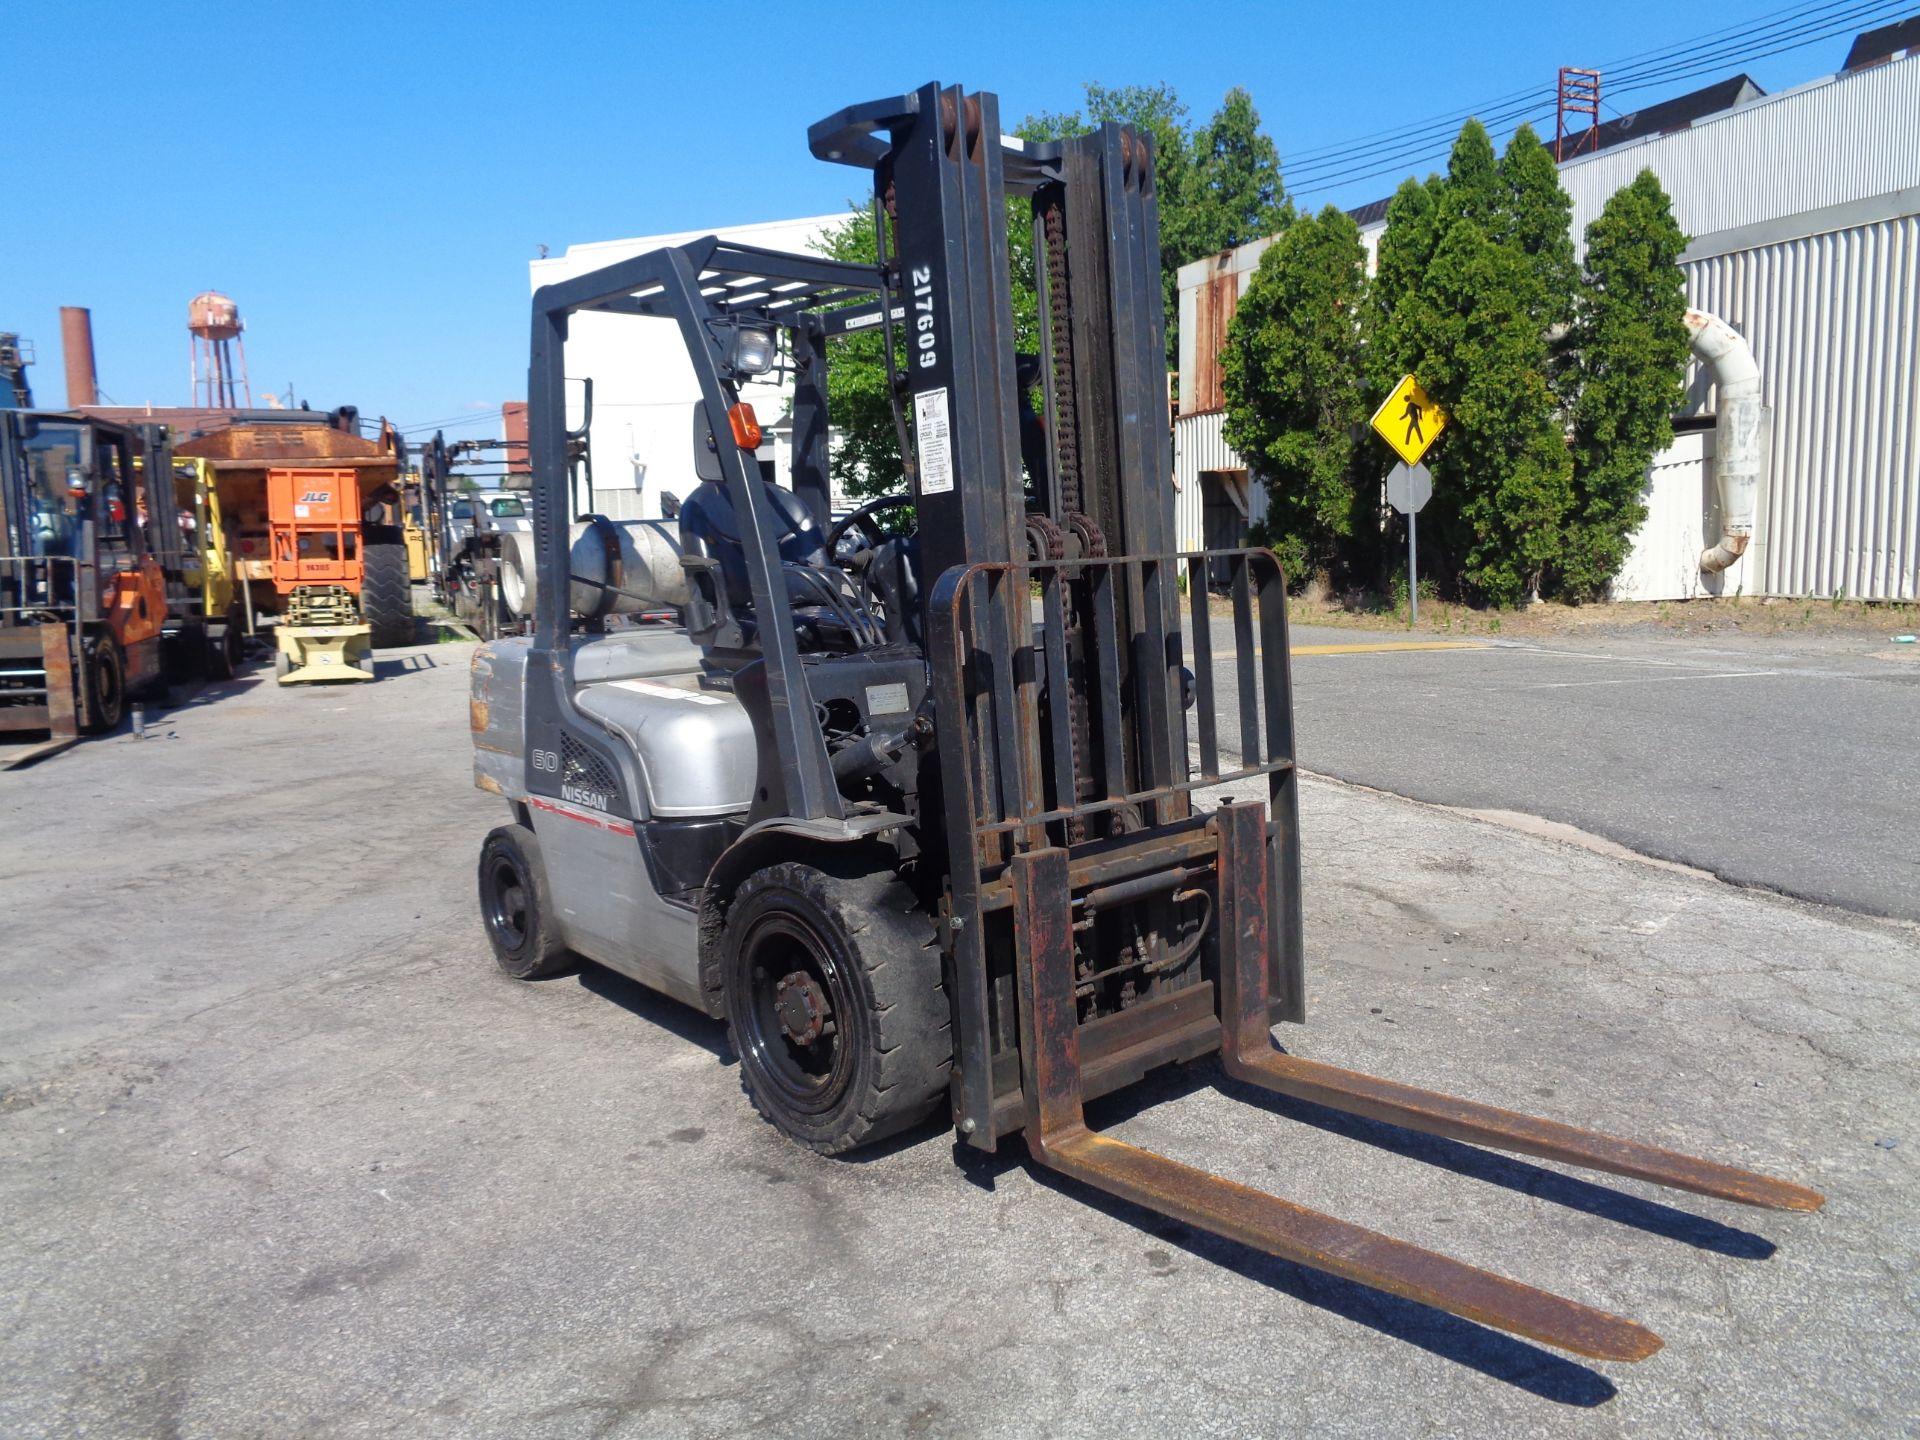 Nissan MUG1F2A30LV 6,000 lbs Forklift - Image 3 of 9